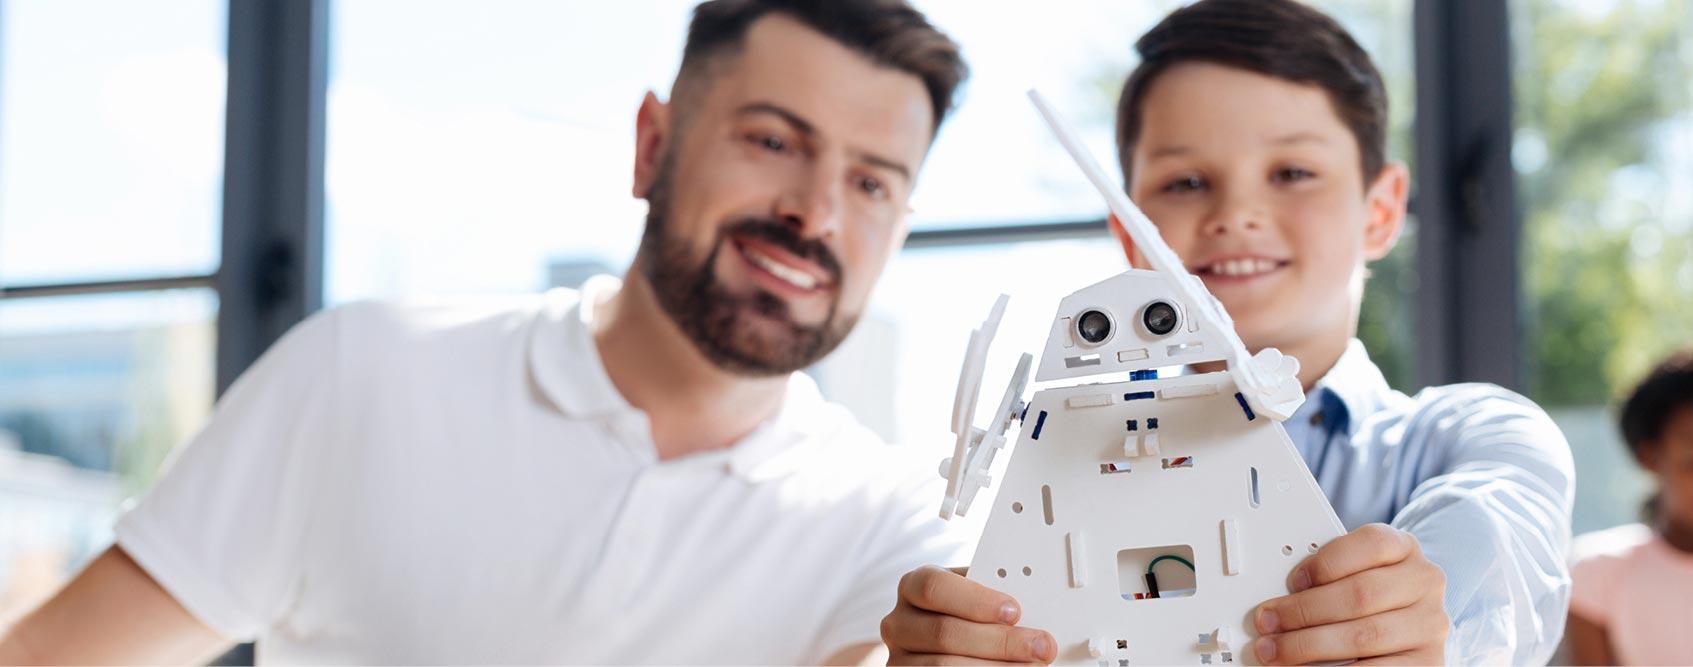 הכשרת הנדסאים ומהנדסים להוראת מקצועות טכנולוגיים